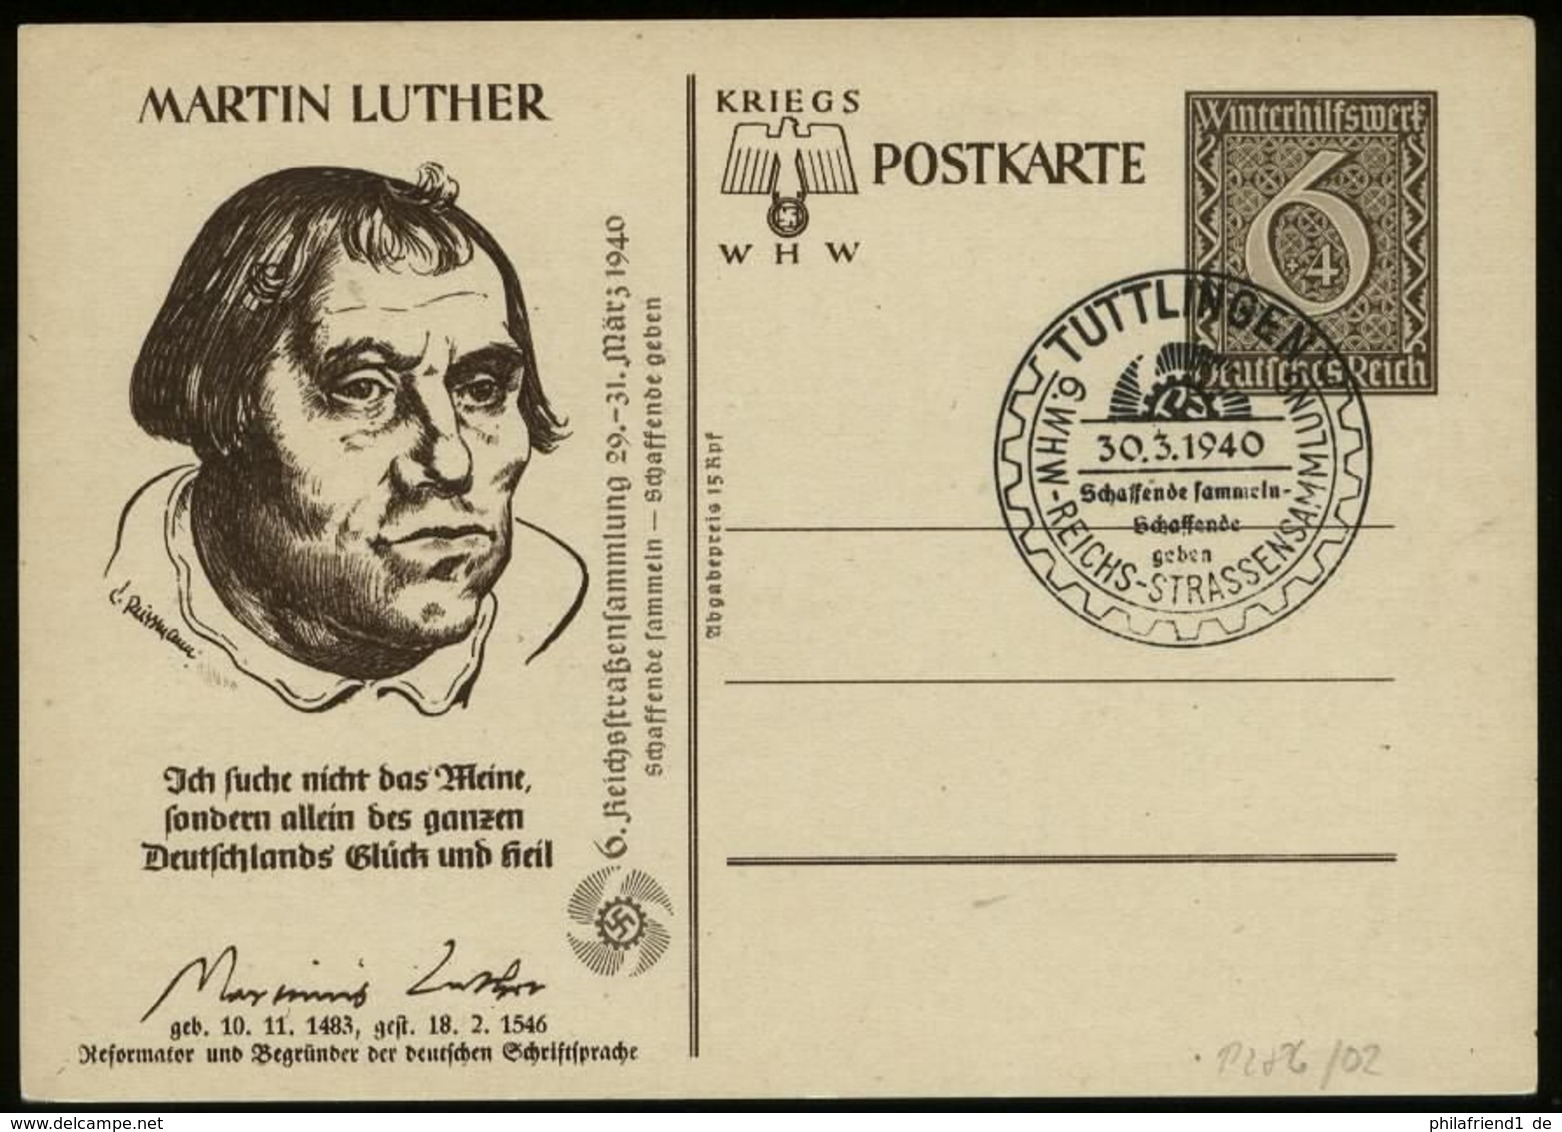 S6685 - DR WHW GS Postkarte ,Martin Luther, Mit KdF Zudruck: Gebraucht Mit Sonderstempel Tuttlingen 1940 - Deutschland